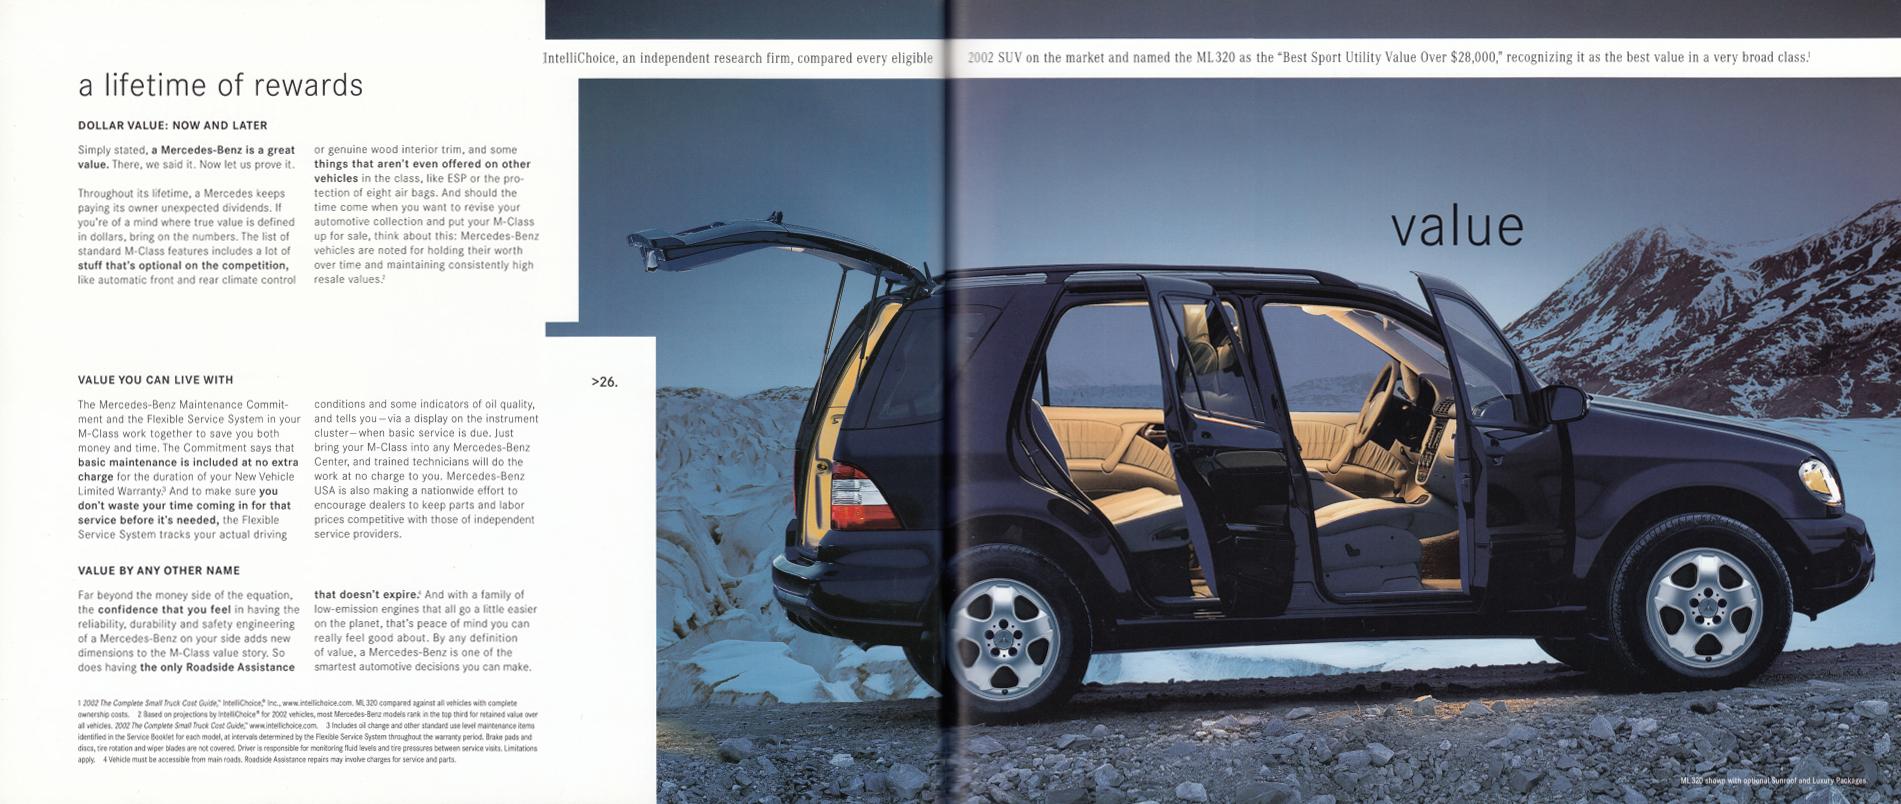 (W163): Catálogo USA 2003 - inglês 015